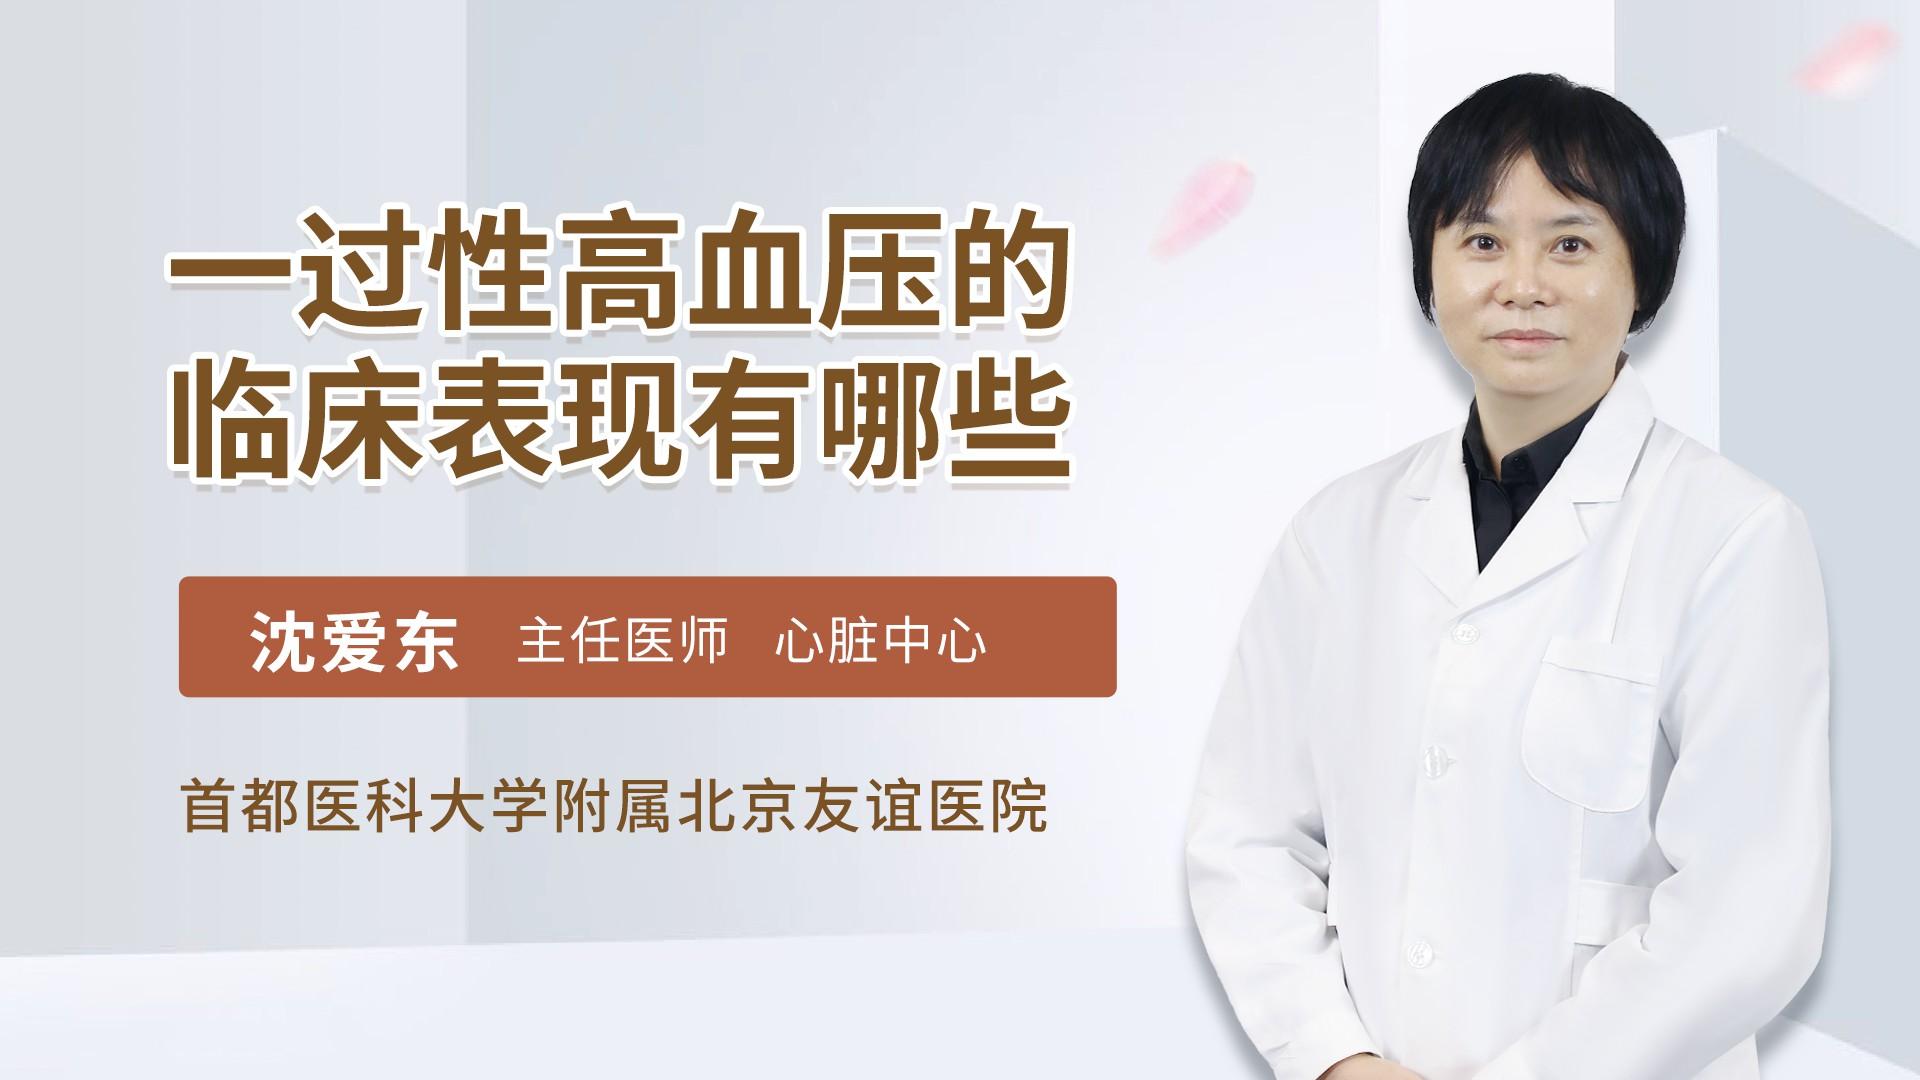 一过性高血压的临床表现有哪些